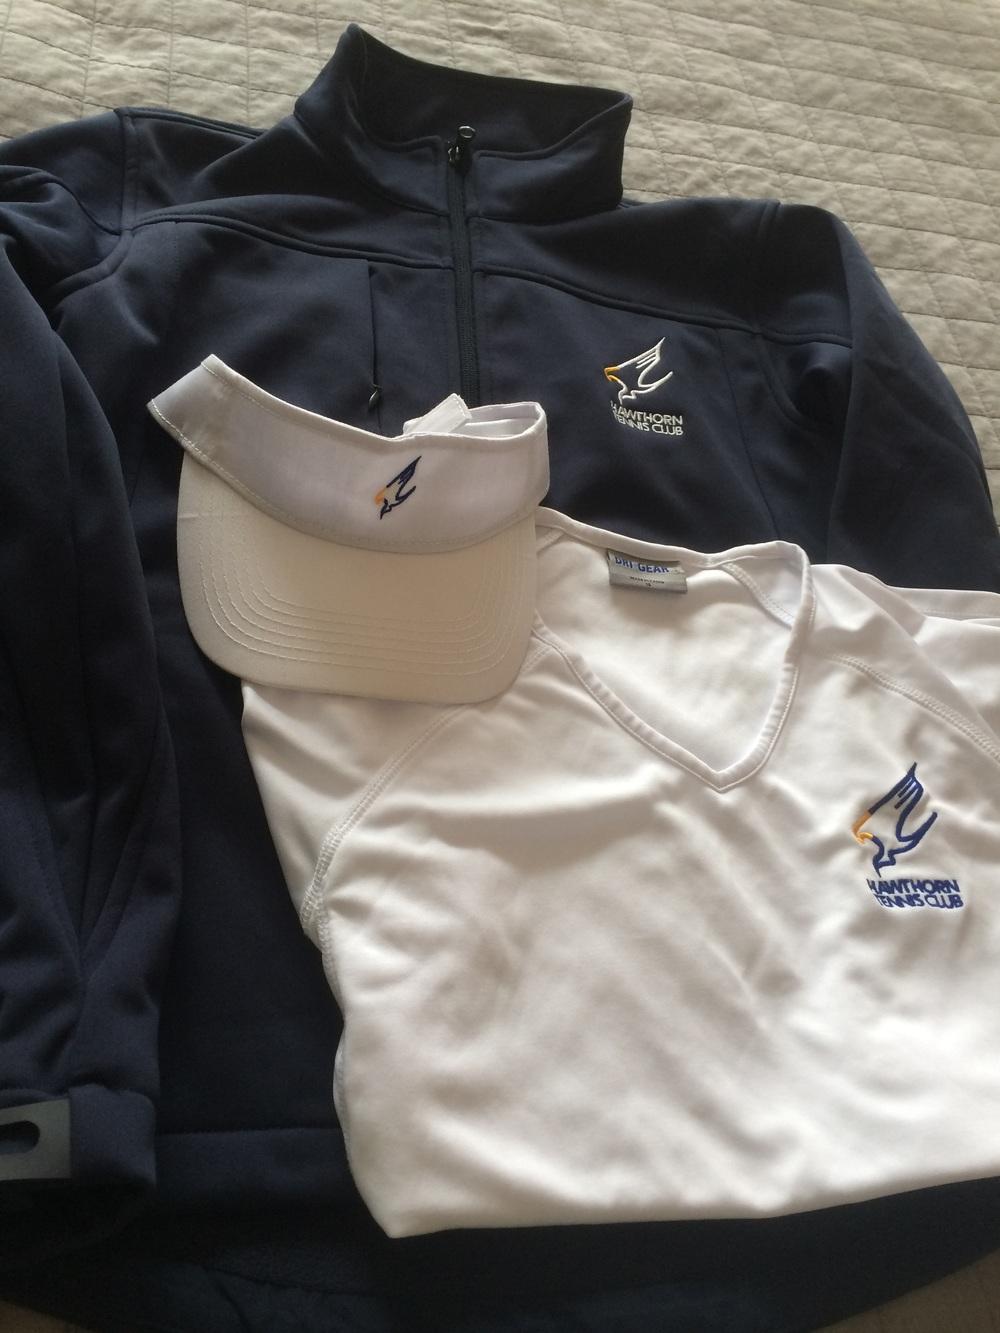 Jacket, Visor, and Women's V-neck shirt